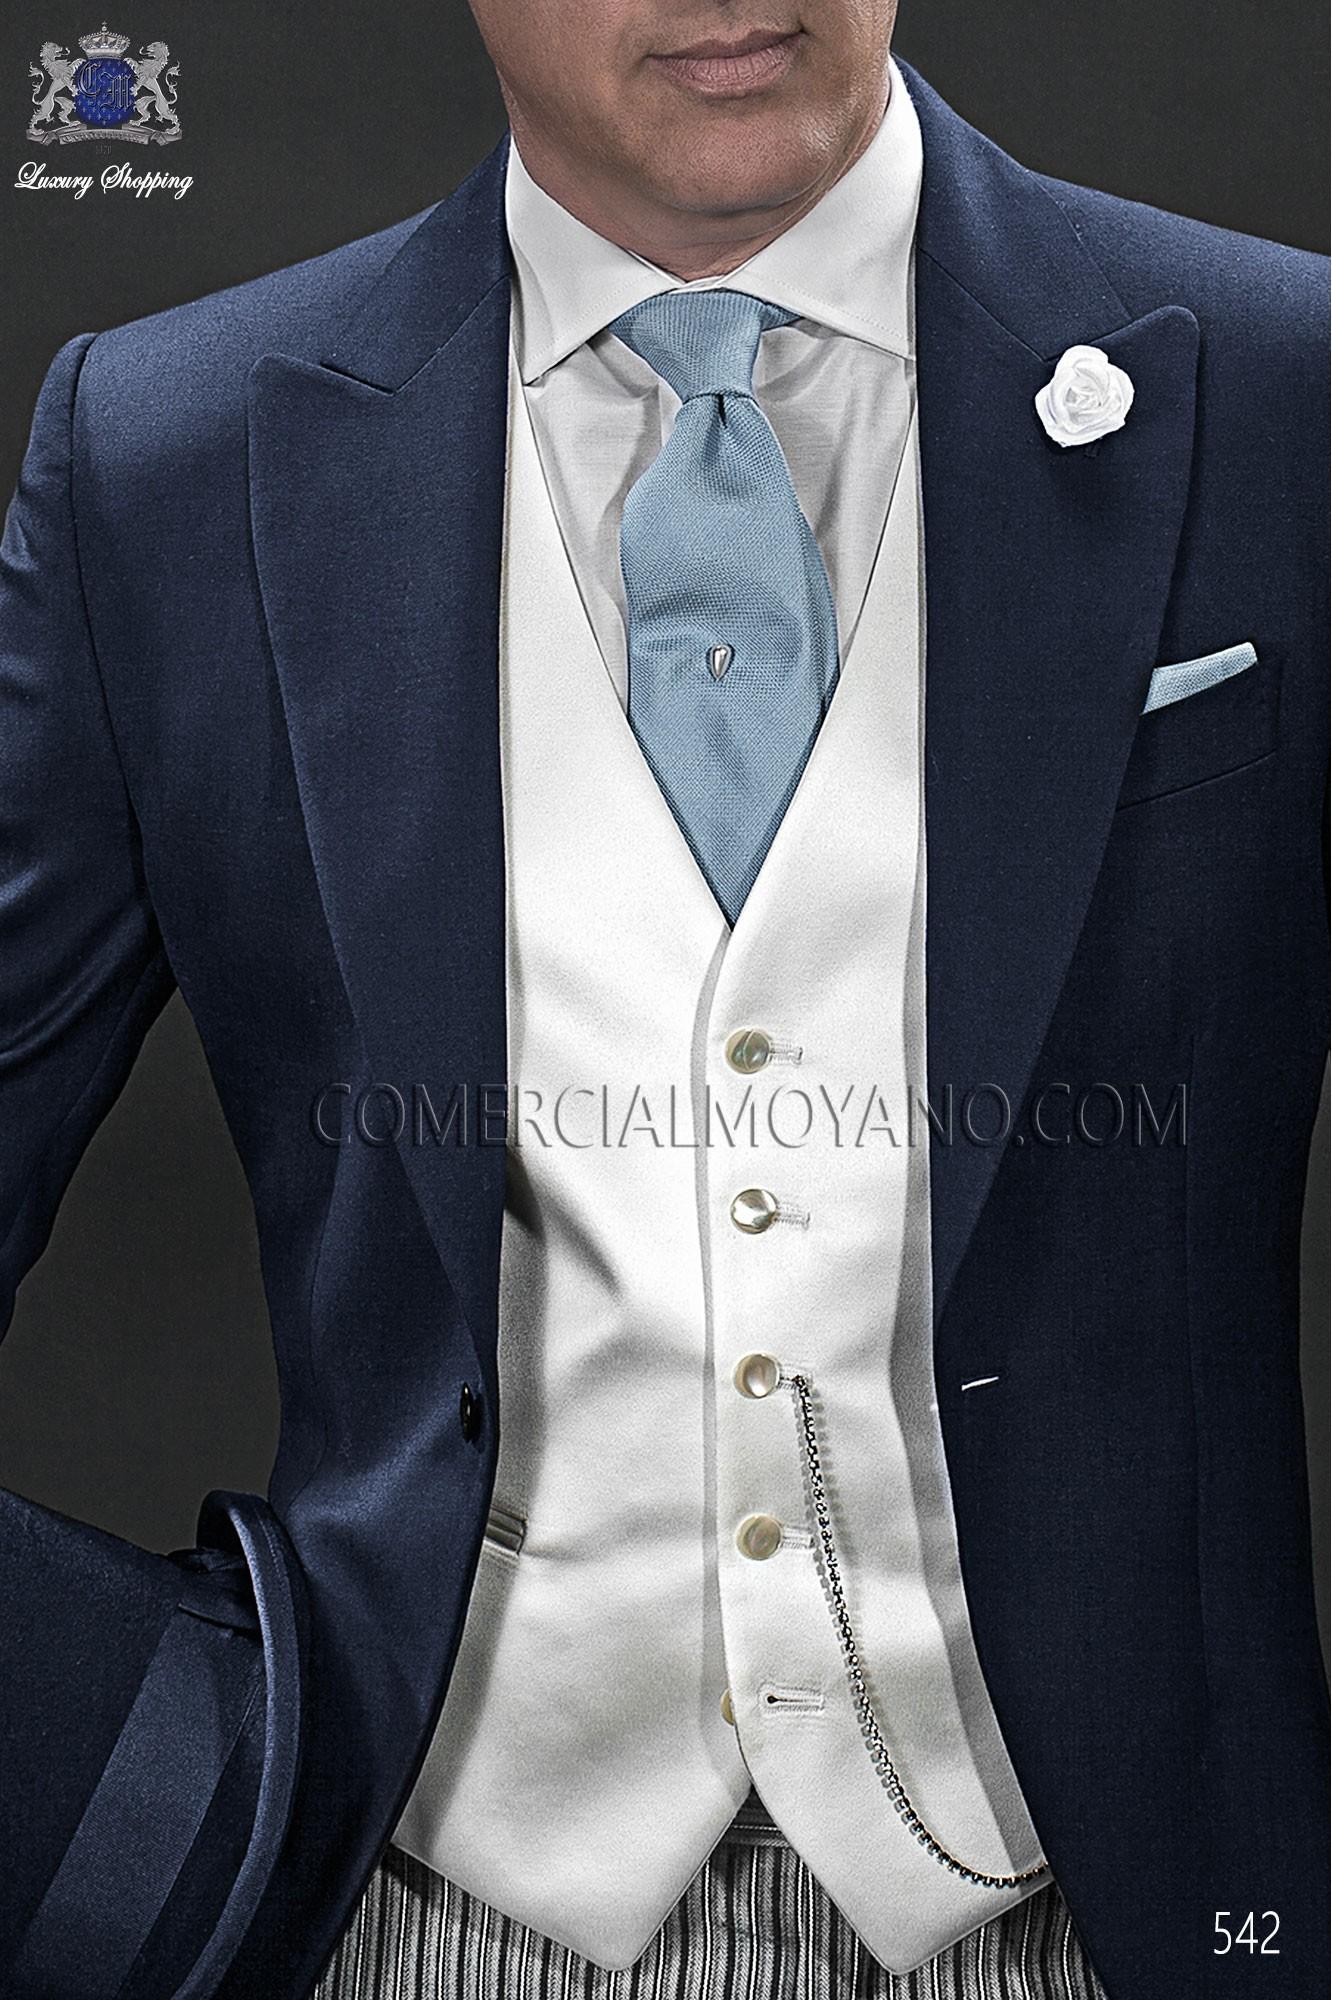 Traje Gentleman de novio azul modelo: 542 Ottavio Nuccio Gala colección Gentleman